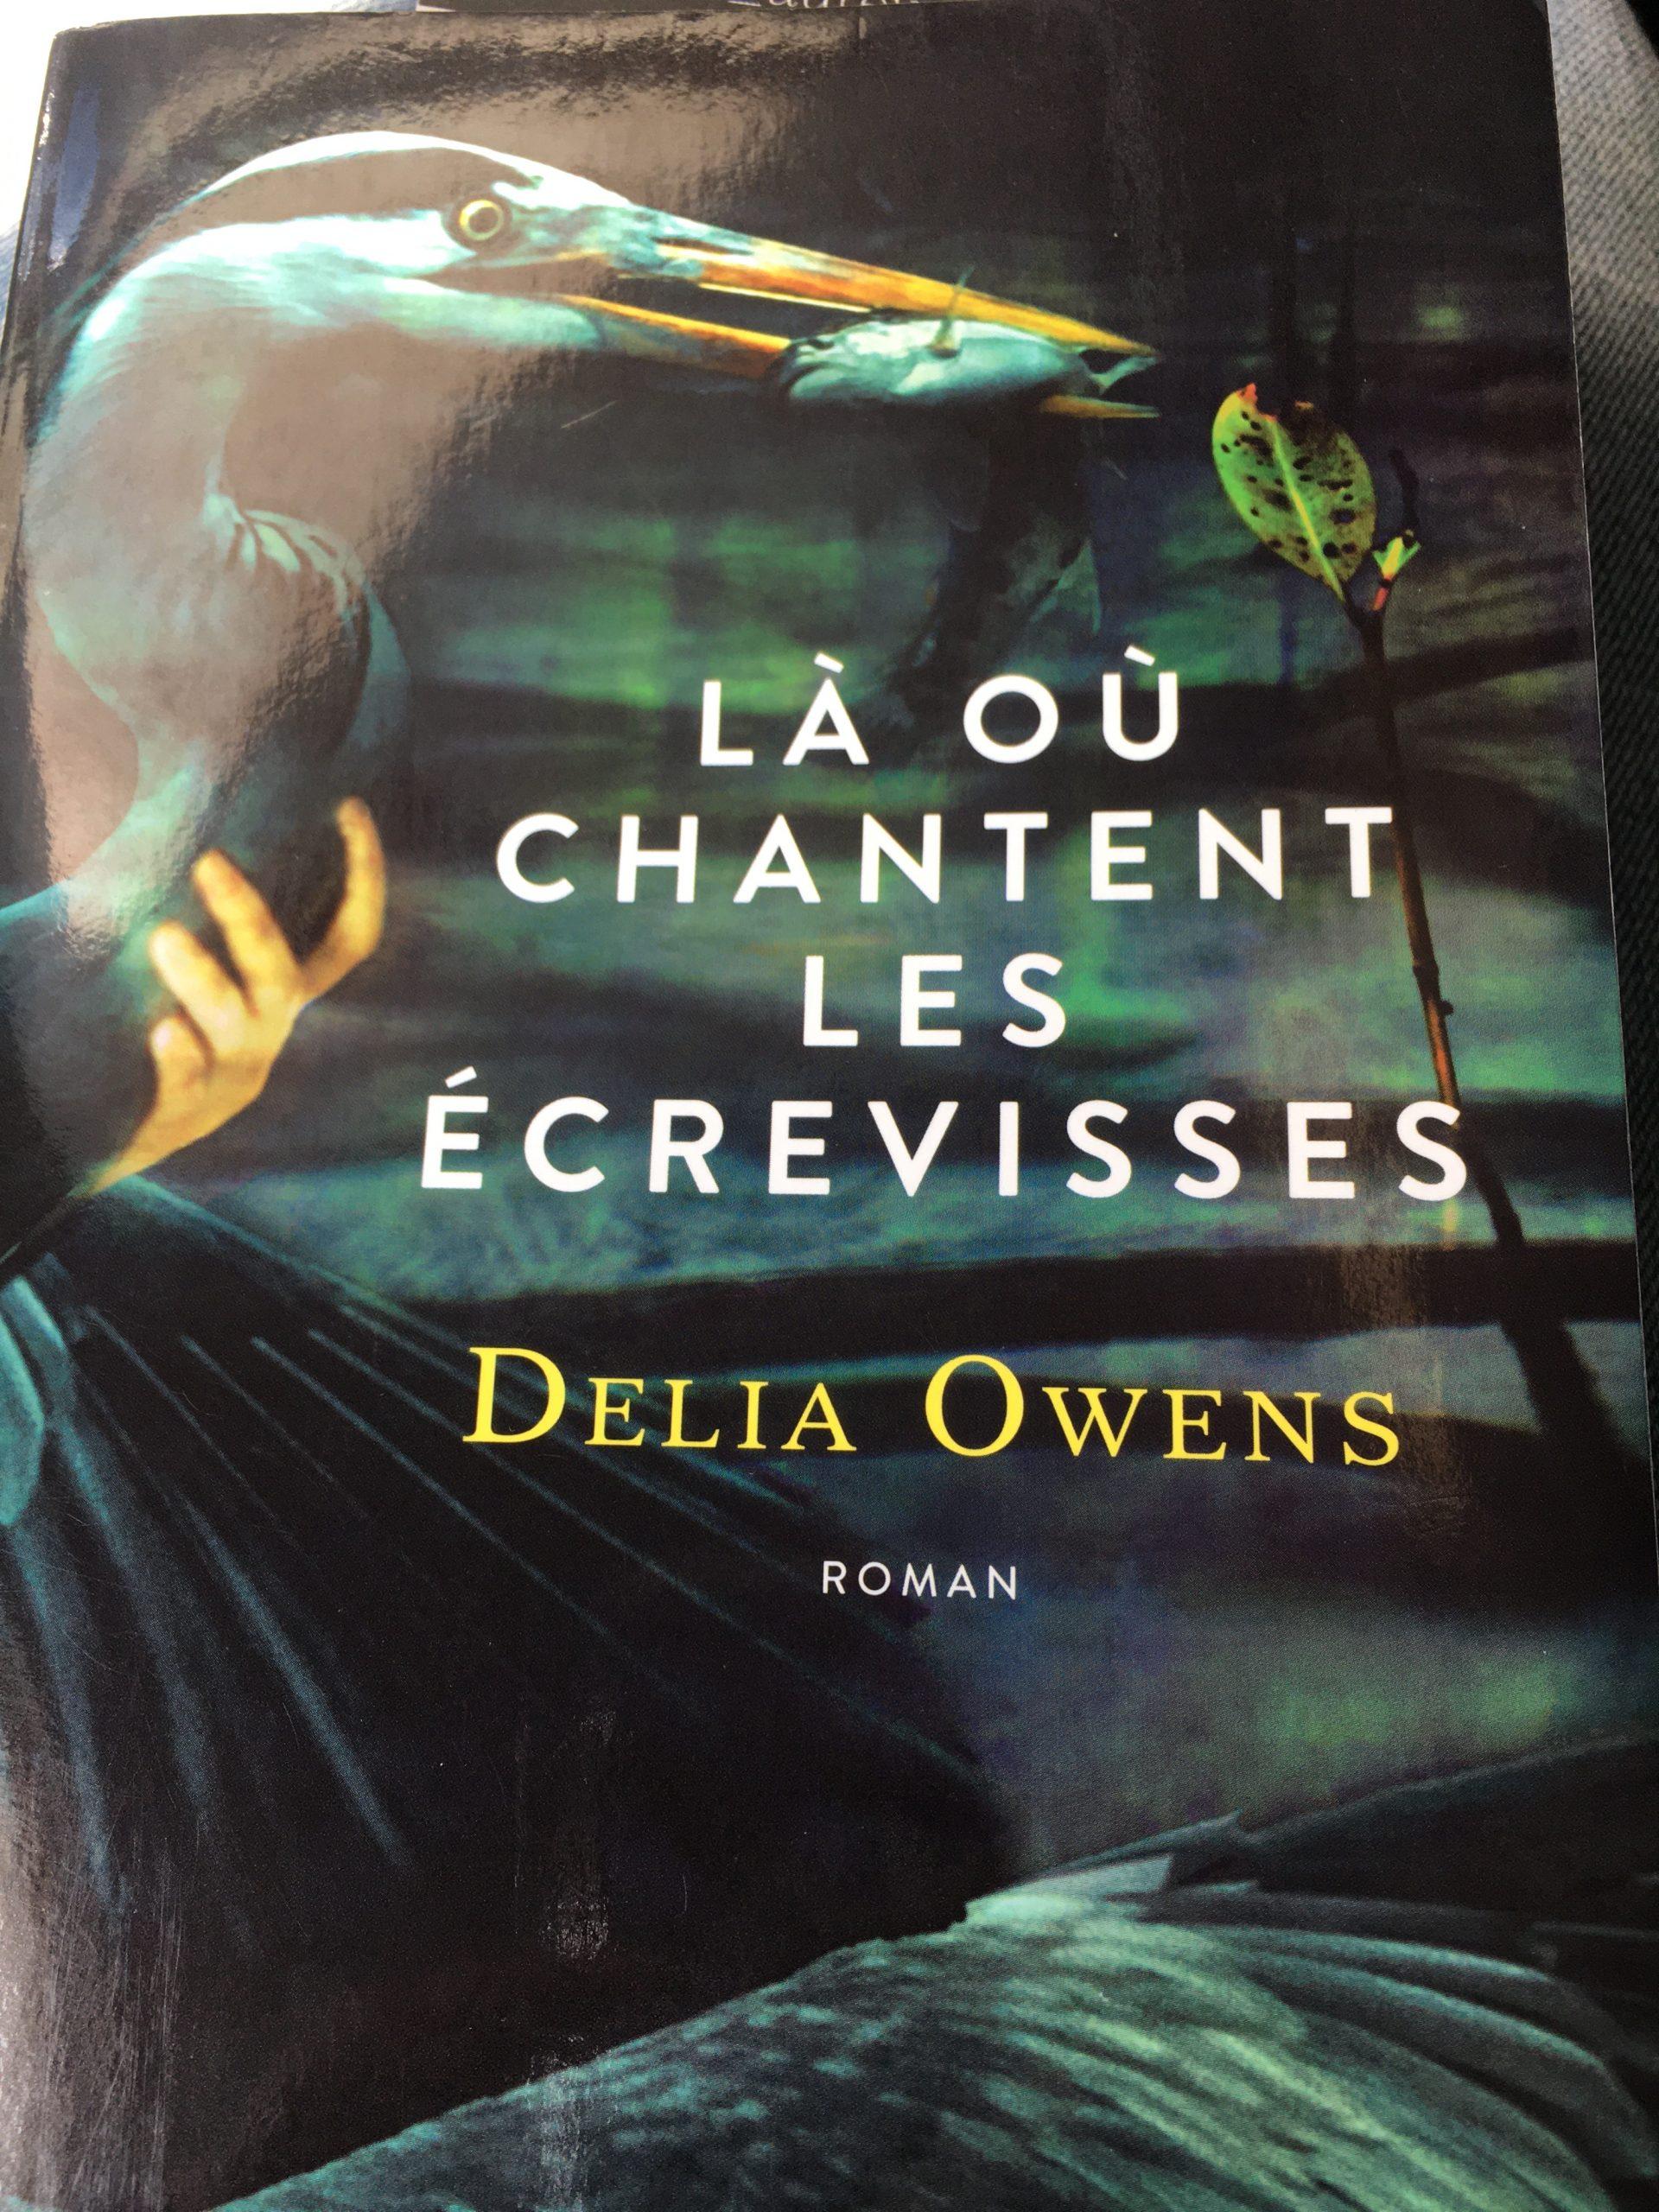 Là où chantent les écrevisses de Delia Owens Plongeon au cœur d'un marais américain